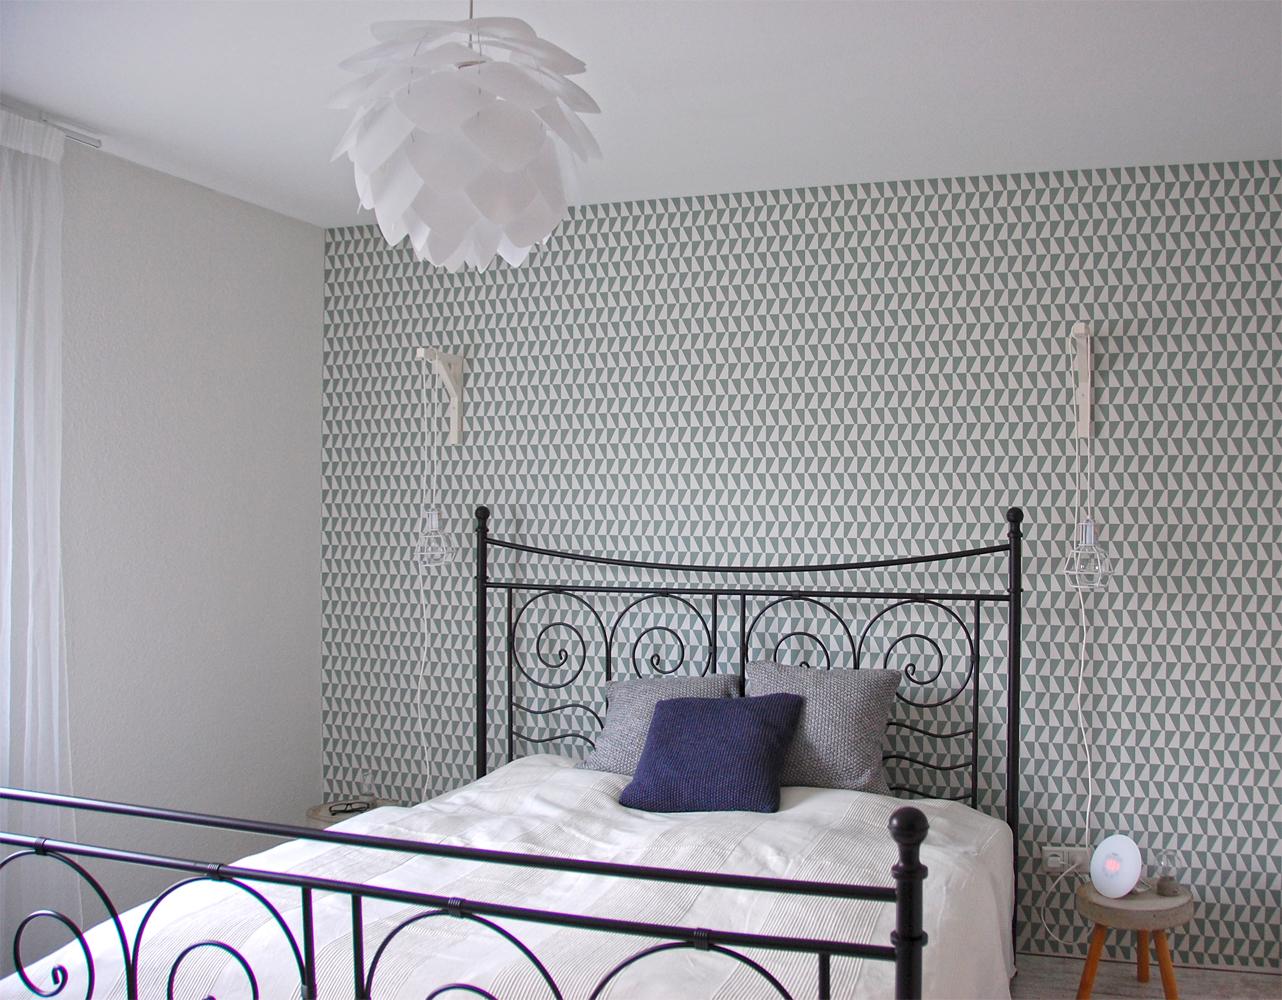 Funvit.com | Wohnideen Wohnzimmer Ikea Schlafzimmer Deckenlampe